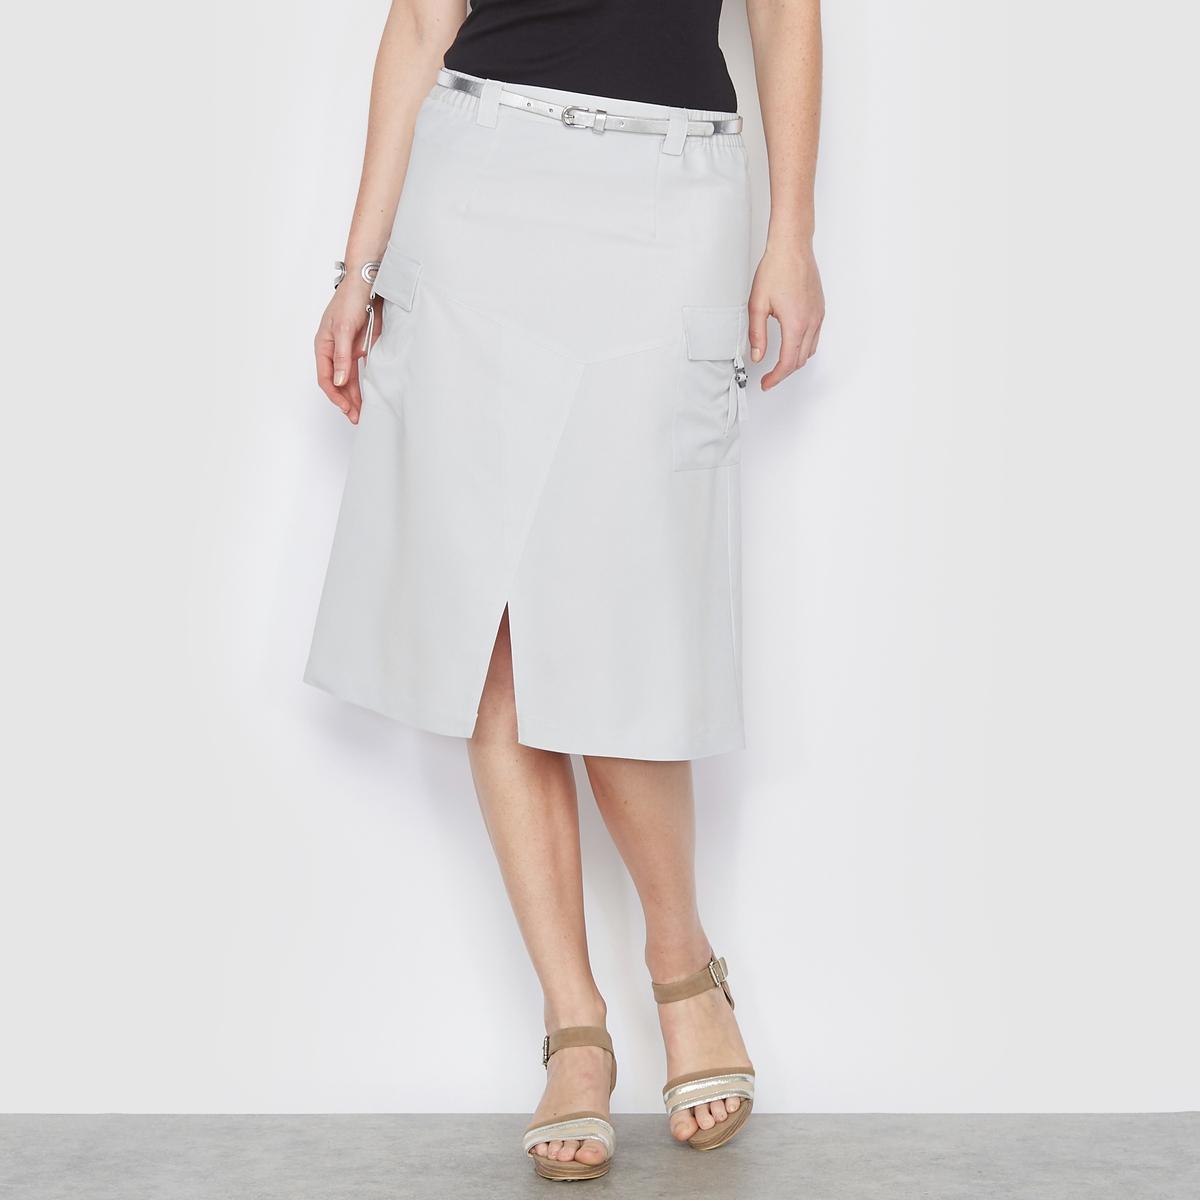 Юбка из бархатистой микрофибрыКомфортная и элегантная юбка из мягкой бархатистой микрофибры. Нежный материал и безупречный фасон. Элегантность, комфорт и лёгкость в уходе делают эту юбку такой привлекательной.<br><br>Цвет: индиго,серый жемчужный<br>Размер: 44 (FR) - 50 (RUS).50 (FR) - 56 (RUS).50 (FR) - 56 (RUS).52 (FR) - 58 (RUS)